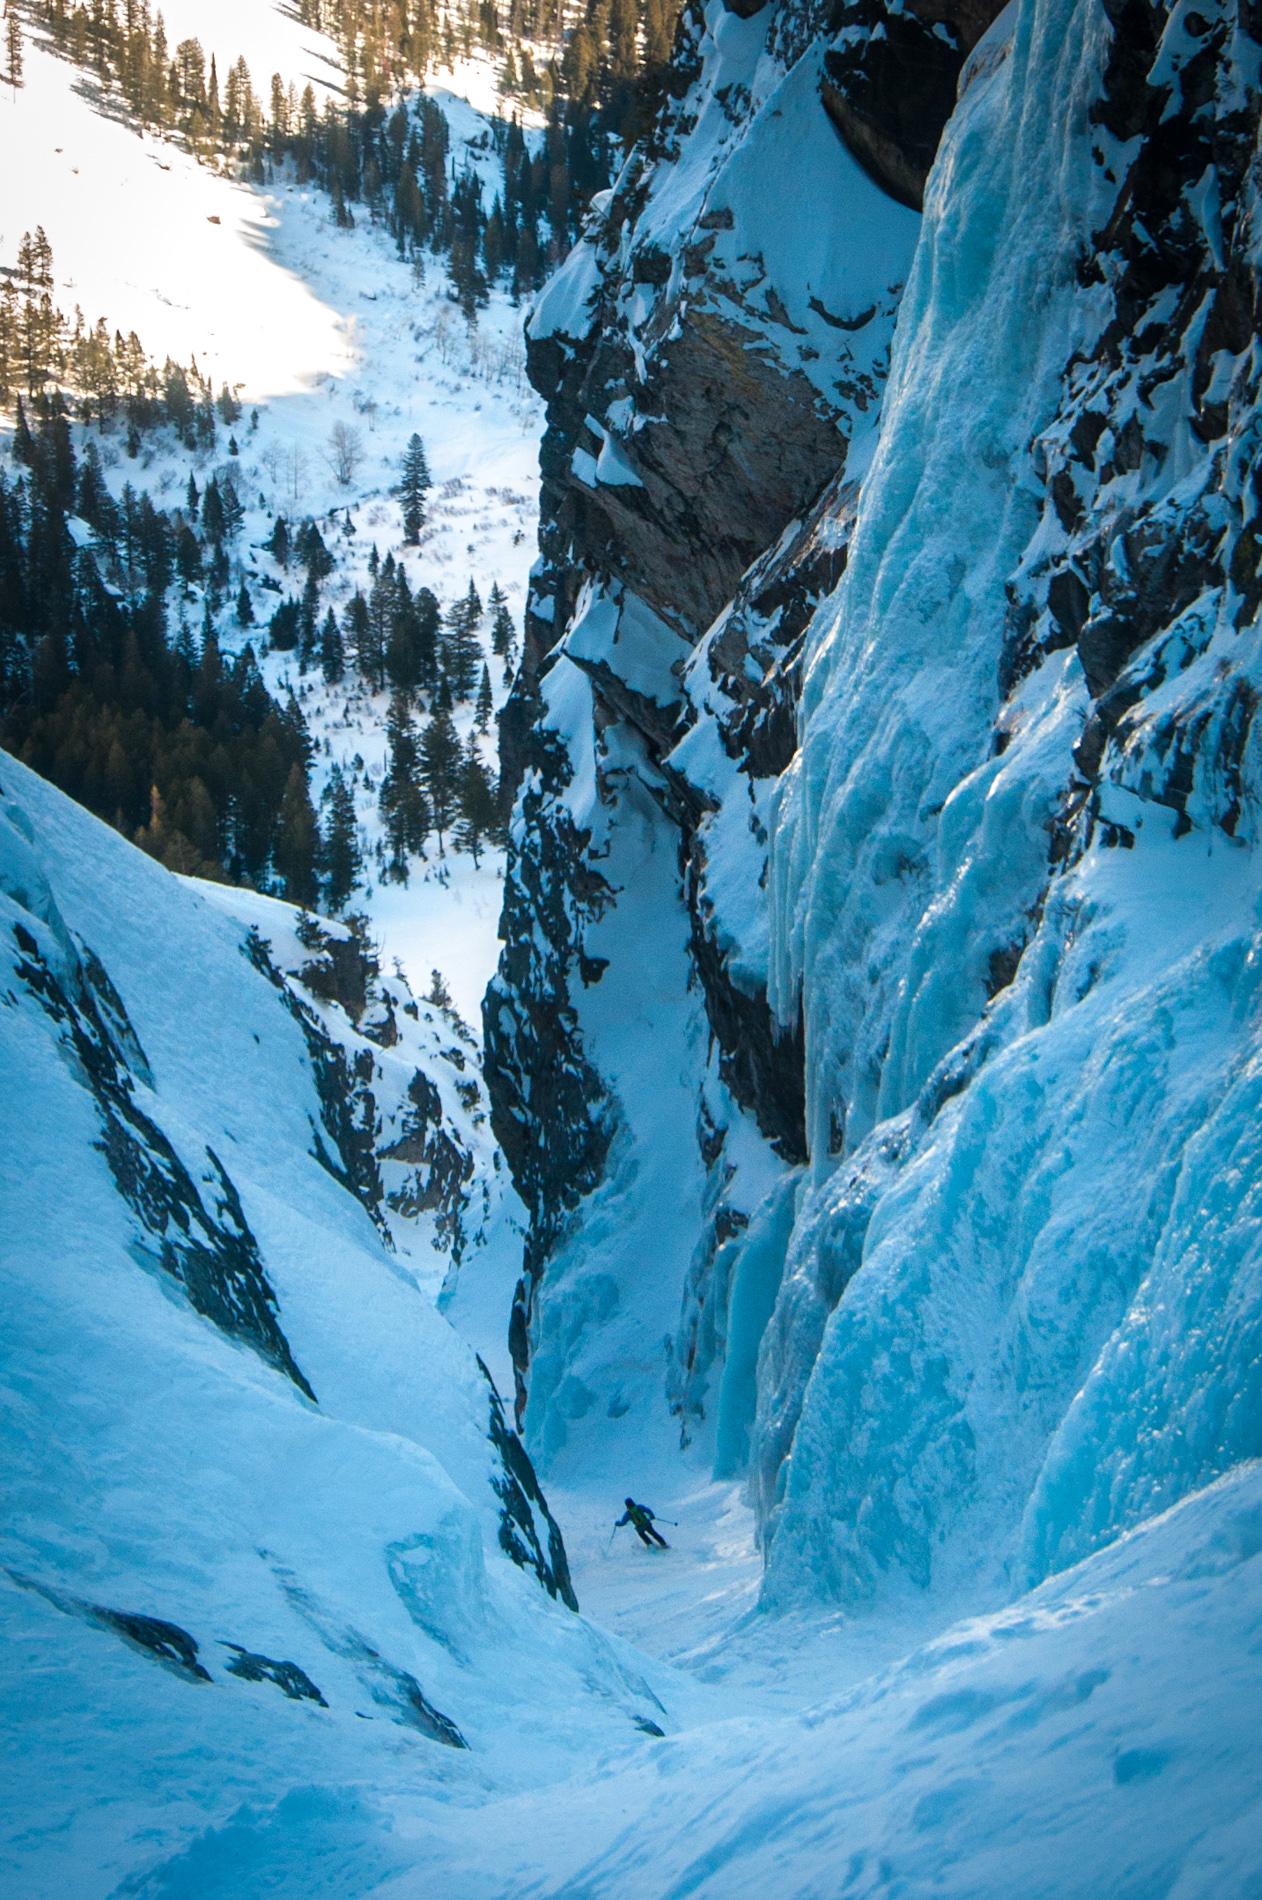 Icefall crux